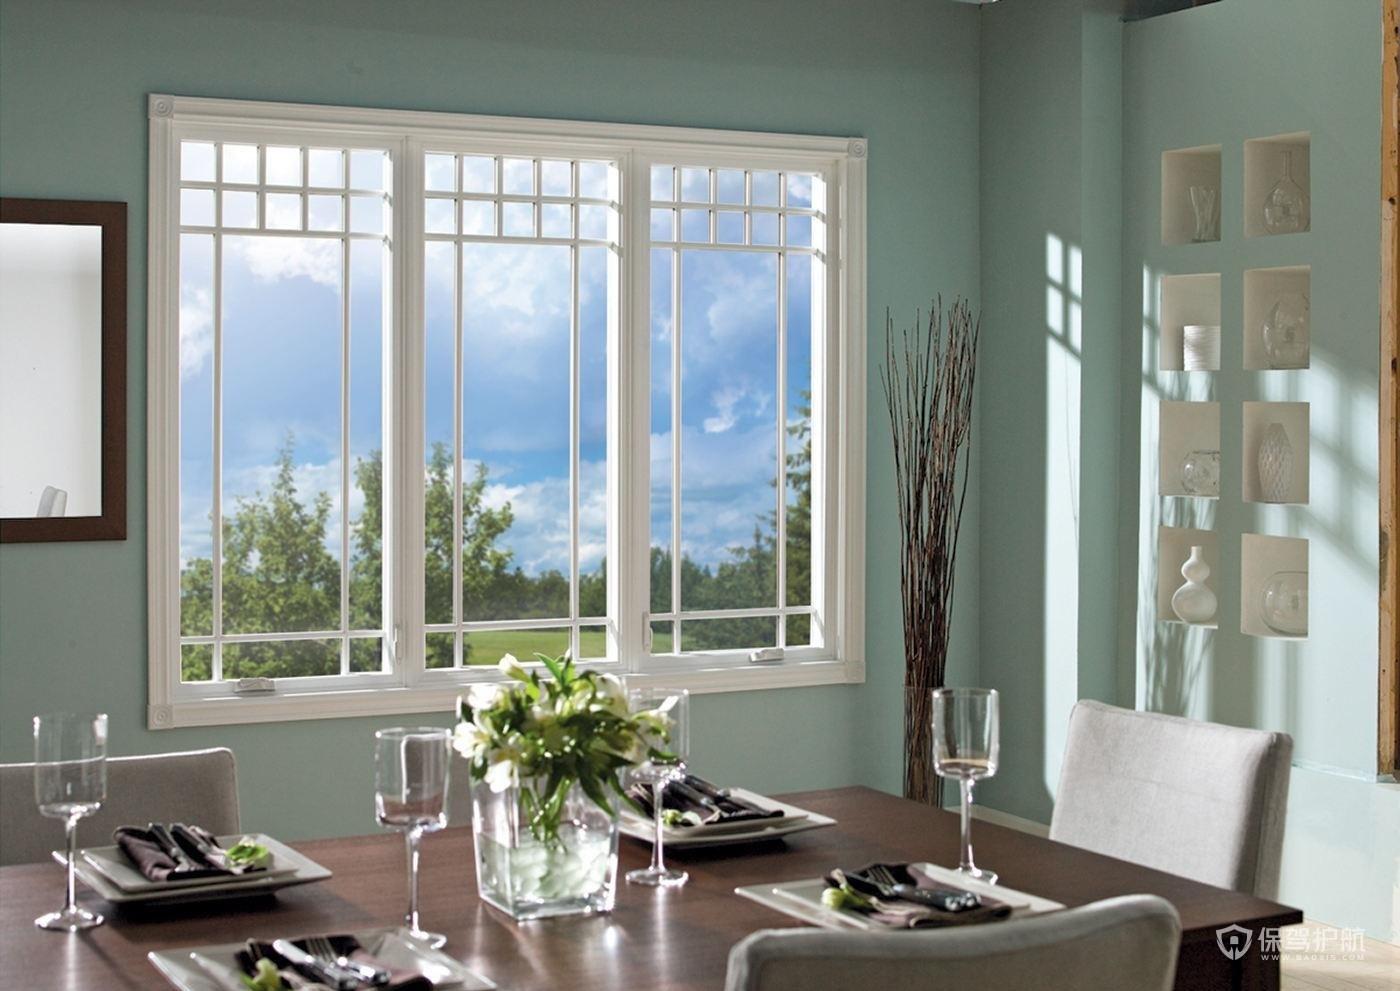 房子西面开窗的风水好吗?西面有窗怎么化解?